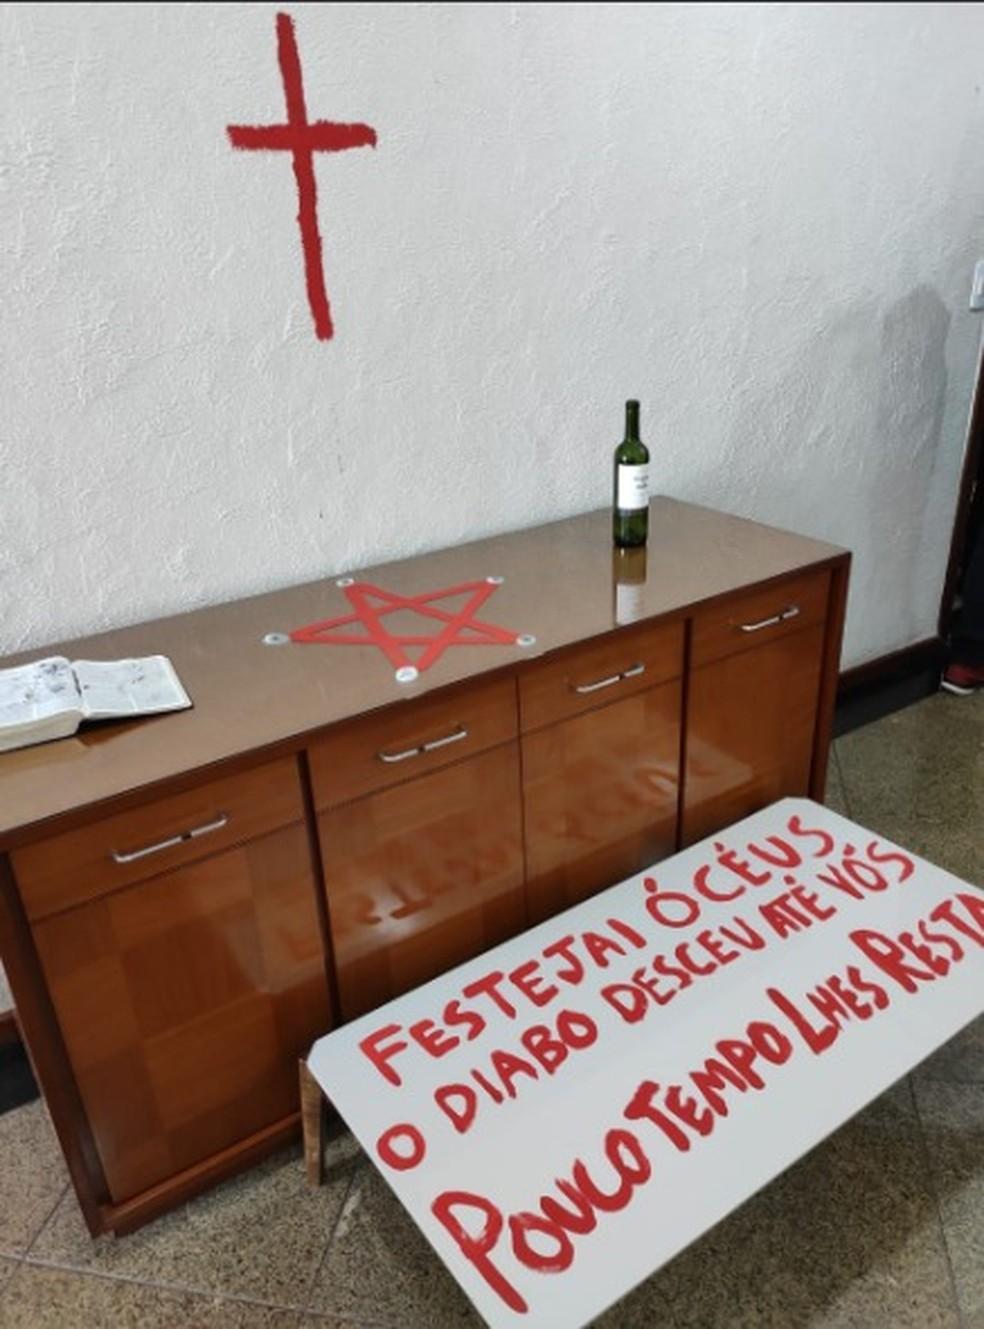 Policiais encontram símbolos religiosos em apartamento de jovem que matou os pais em Vila Velha, no ES — Foto: Reprodução/TV Gazeta